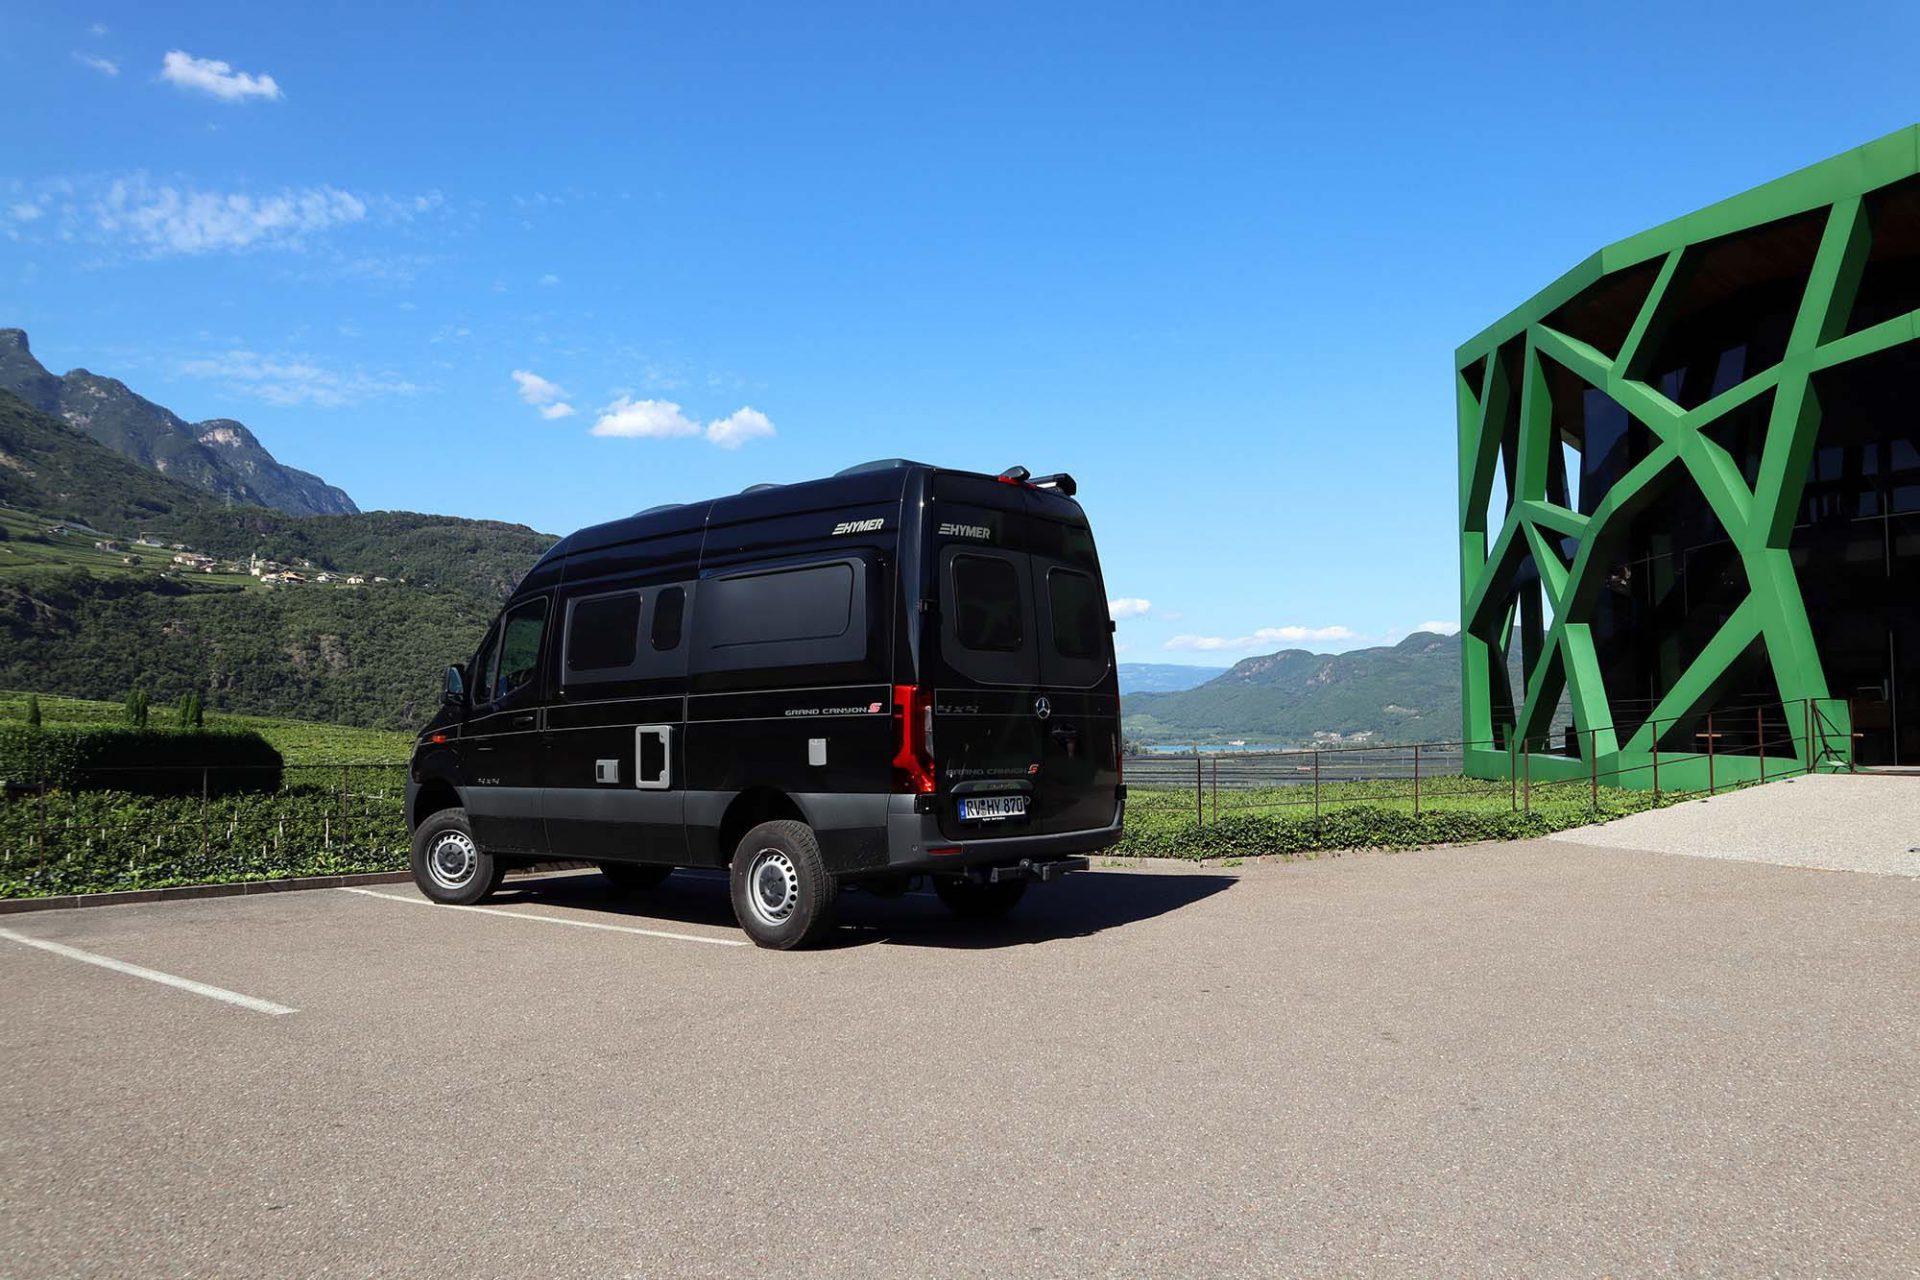 Kellerei Tramin. Anfangs umstritten ist der Tscholl-Bau heute ein Wahrzeichen des kleinen Ortes mit dem berühmten Wein.